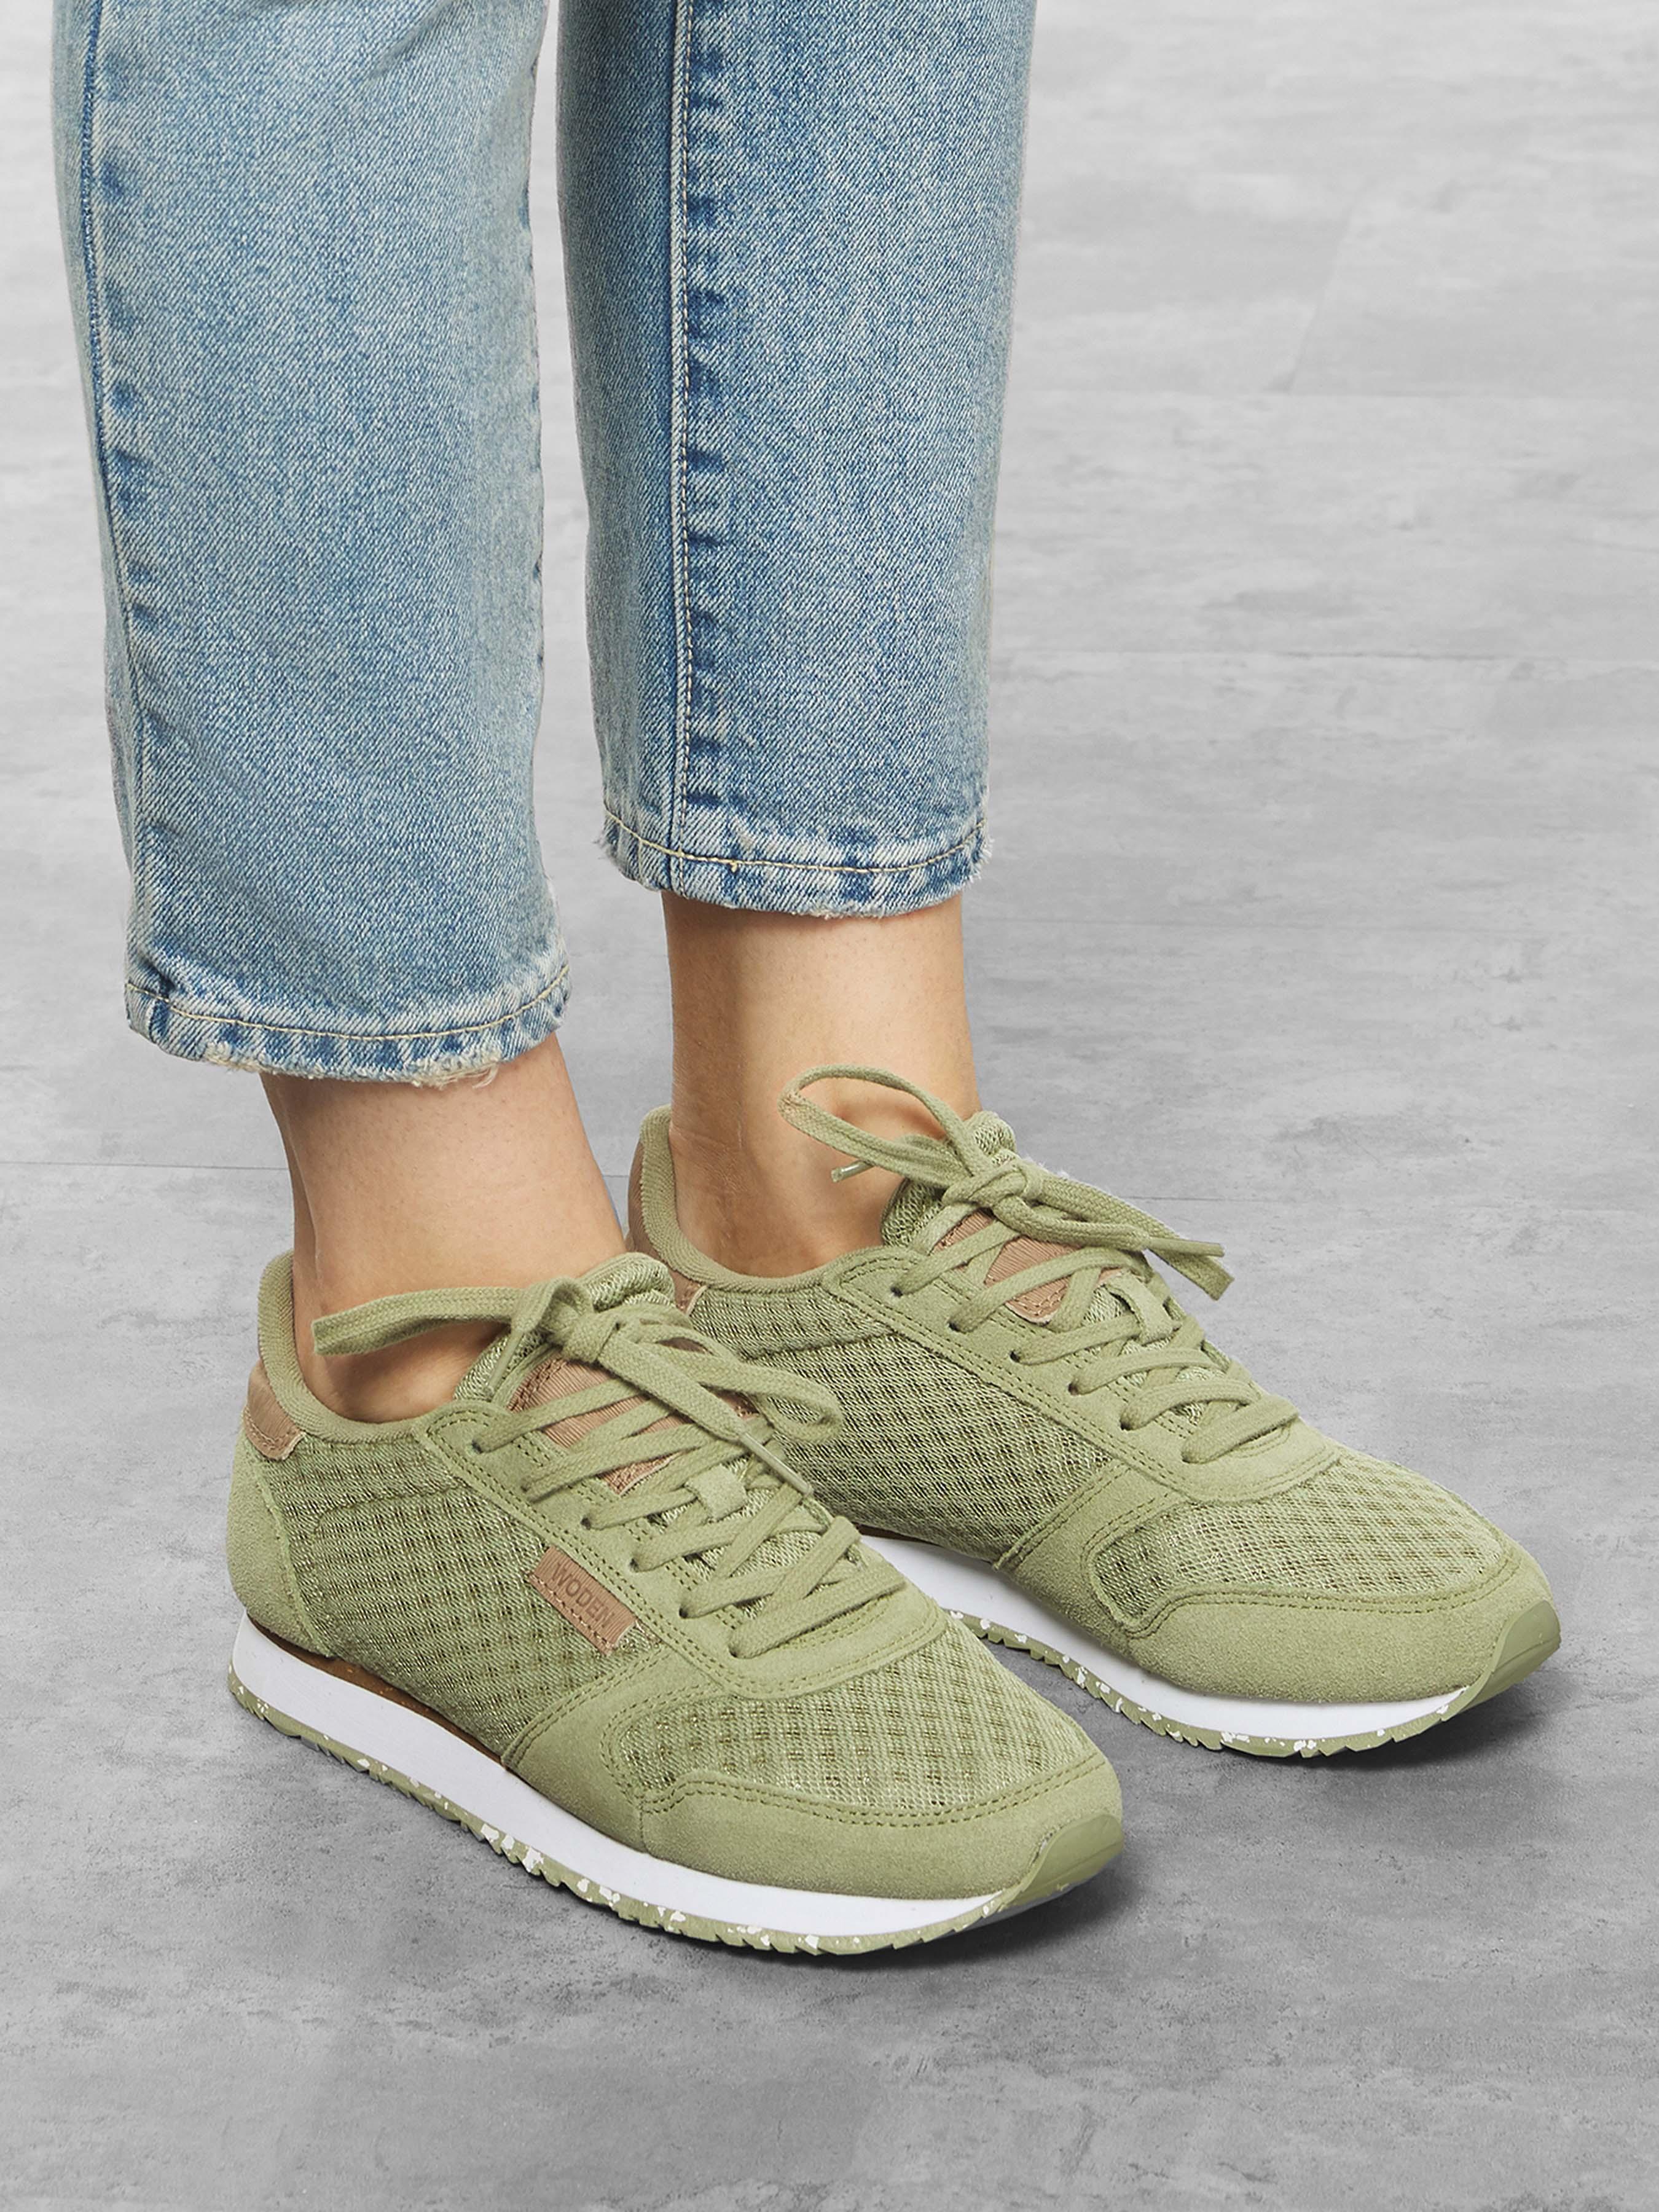 Кросівки  жіночі Woden Ydun Suede Mesh WL028 306 ціна взуття, 2017